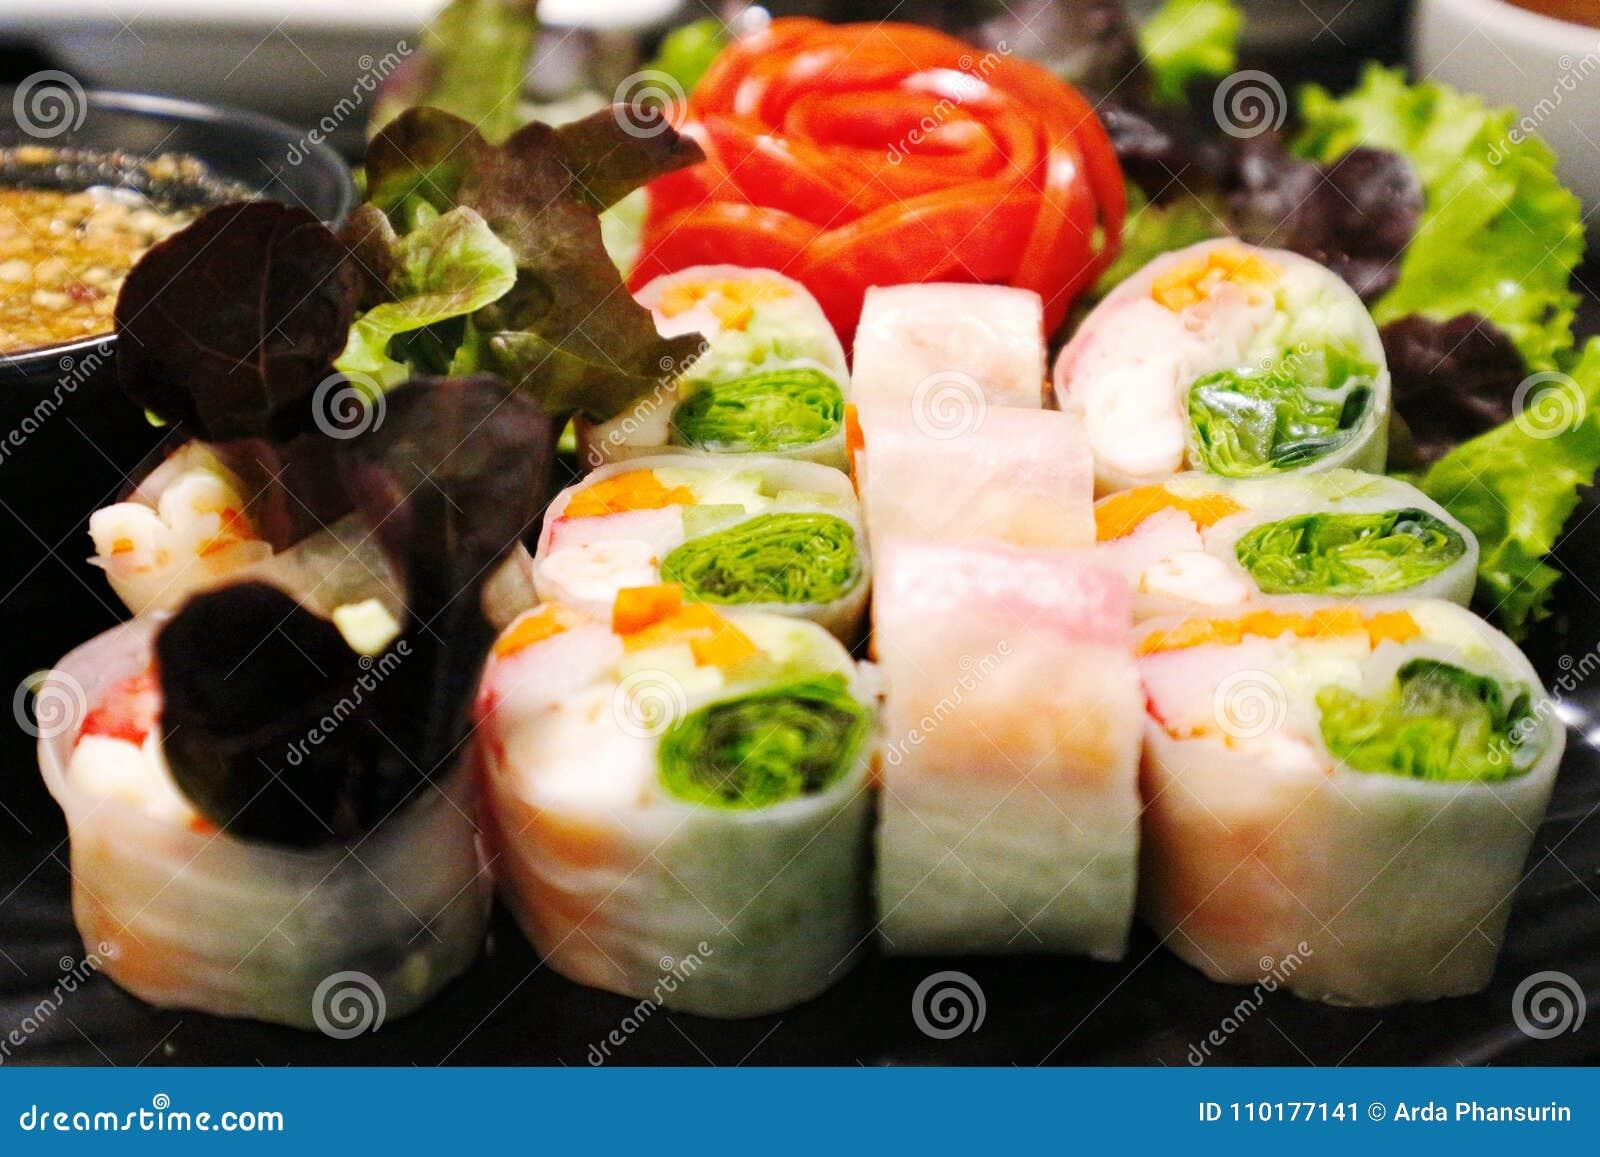 Свежие блинчики с начинкой креветки - въетнамская еда